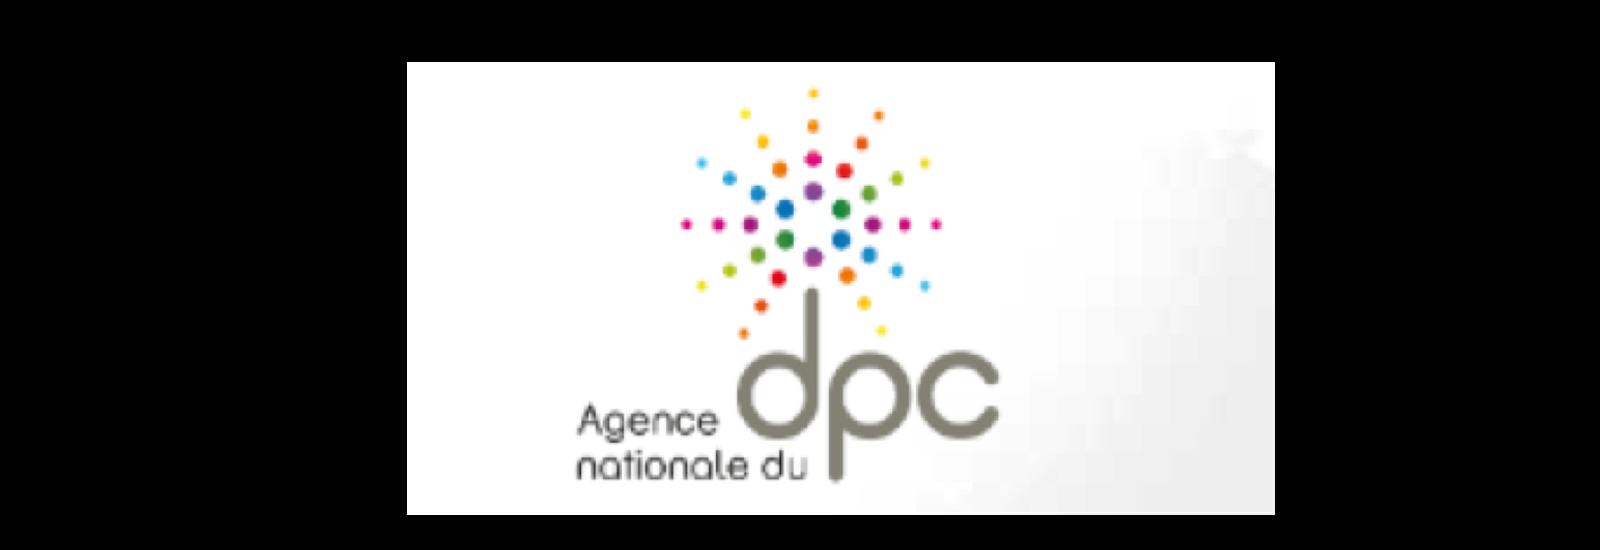 L'ANDPC suspend la prise en charge des programmes et actions de DPC pour les médecins libéraux